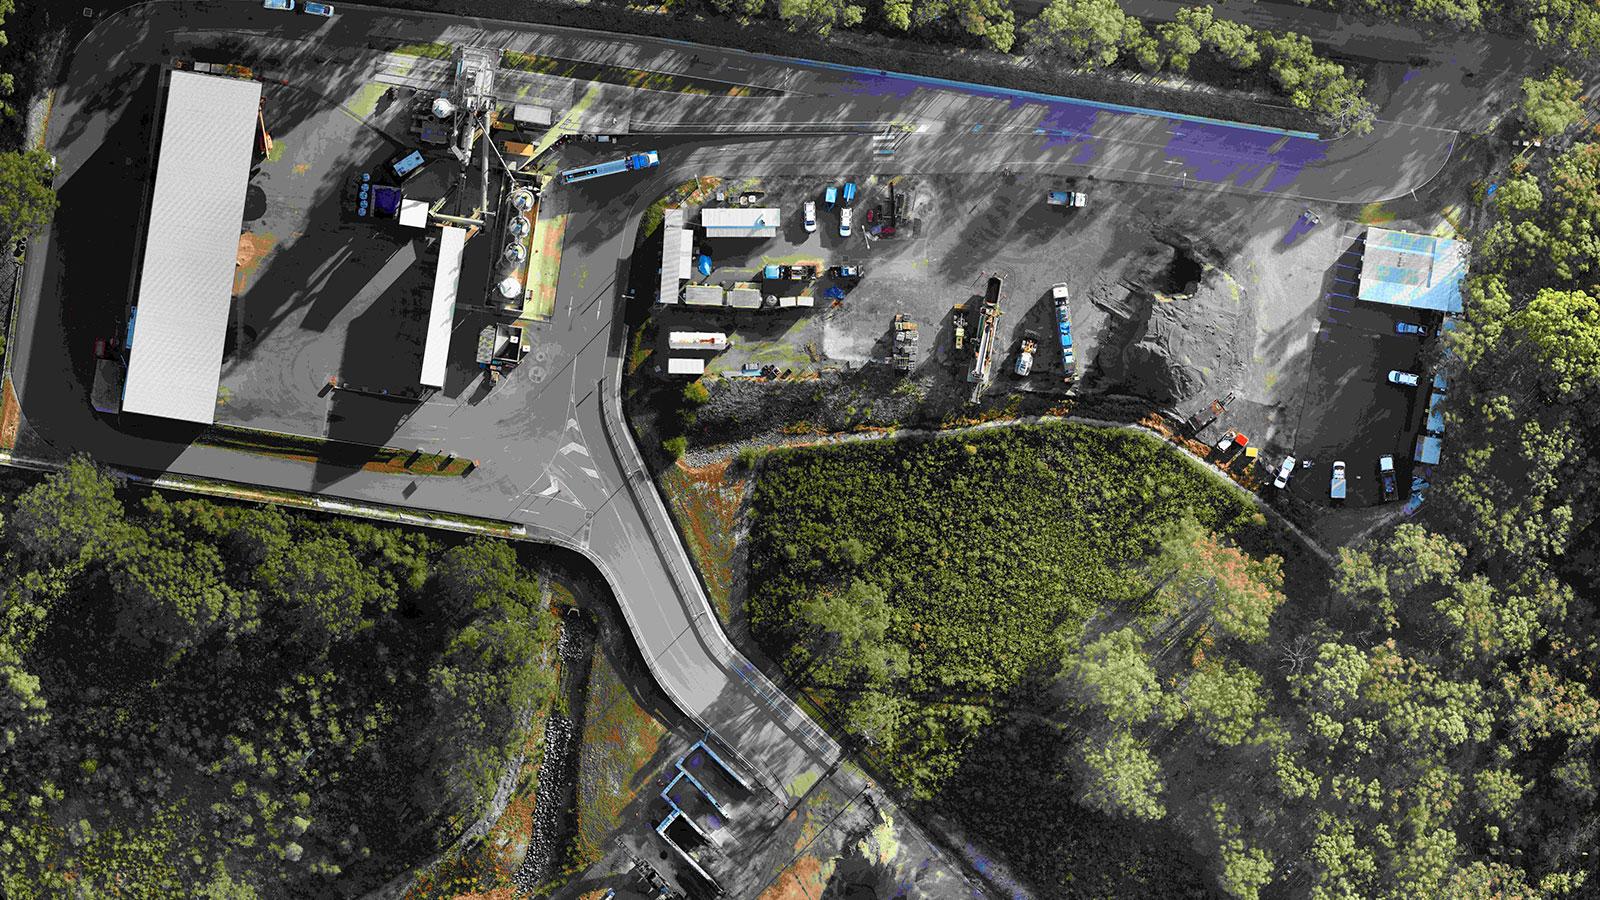 HEA BLO GEO asphalt stockpile volume measurements